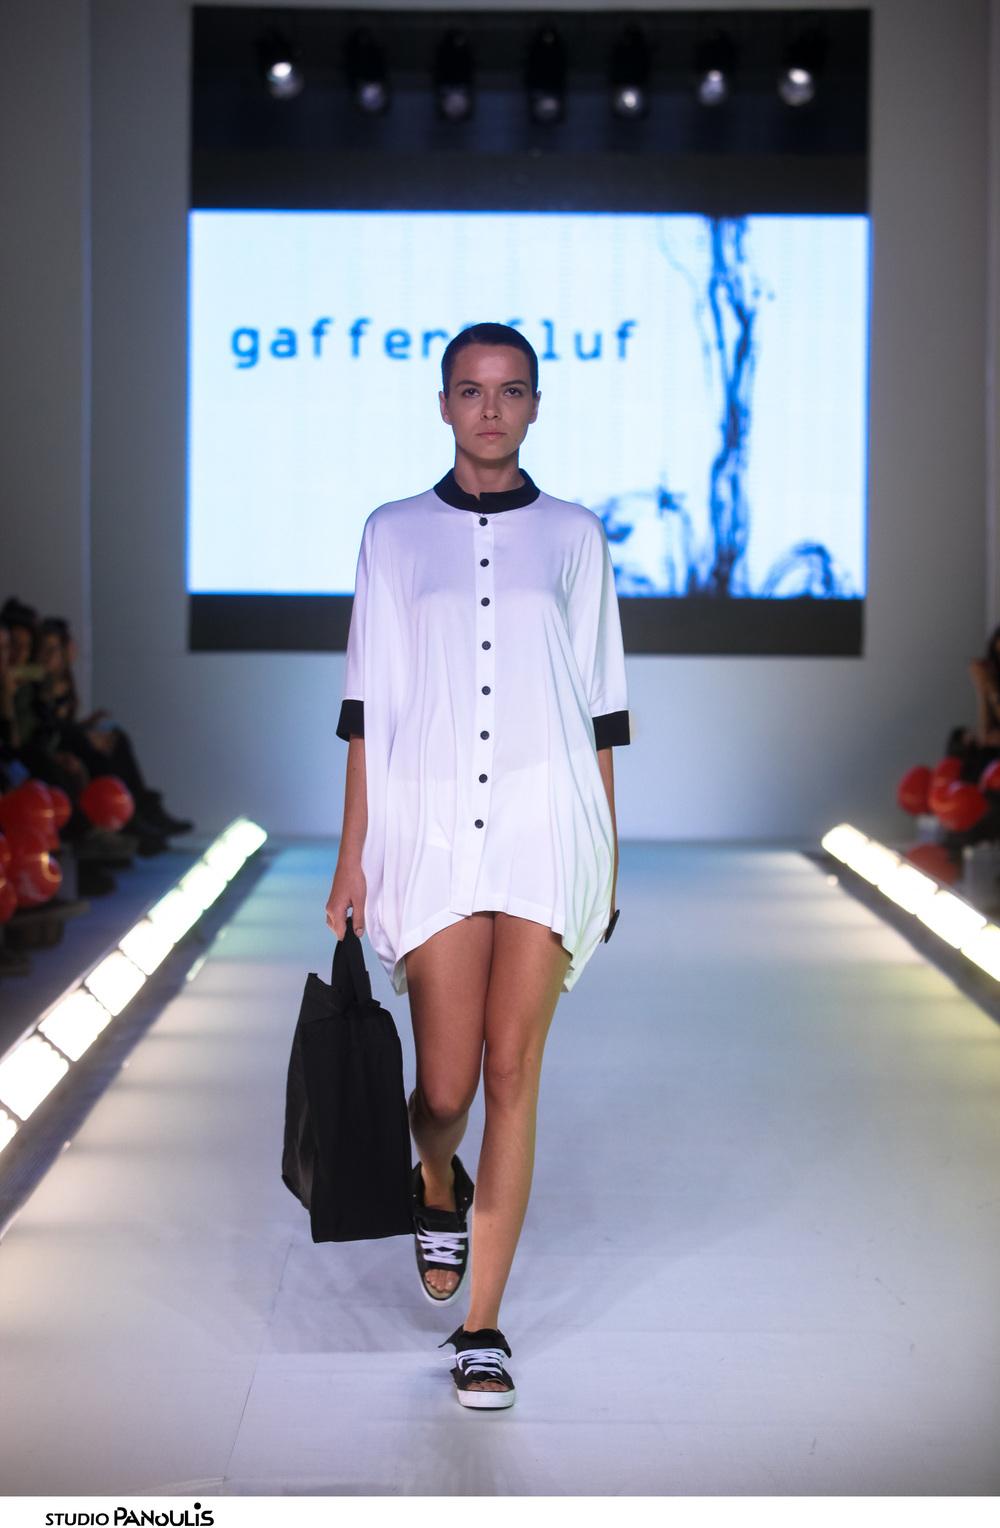 GAFFER & FLUF/Catwalk